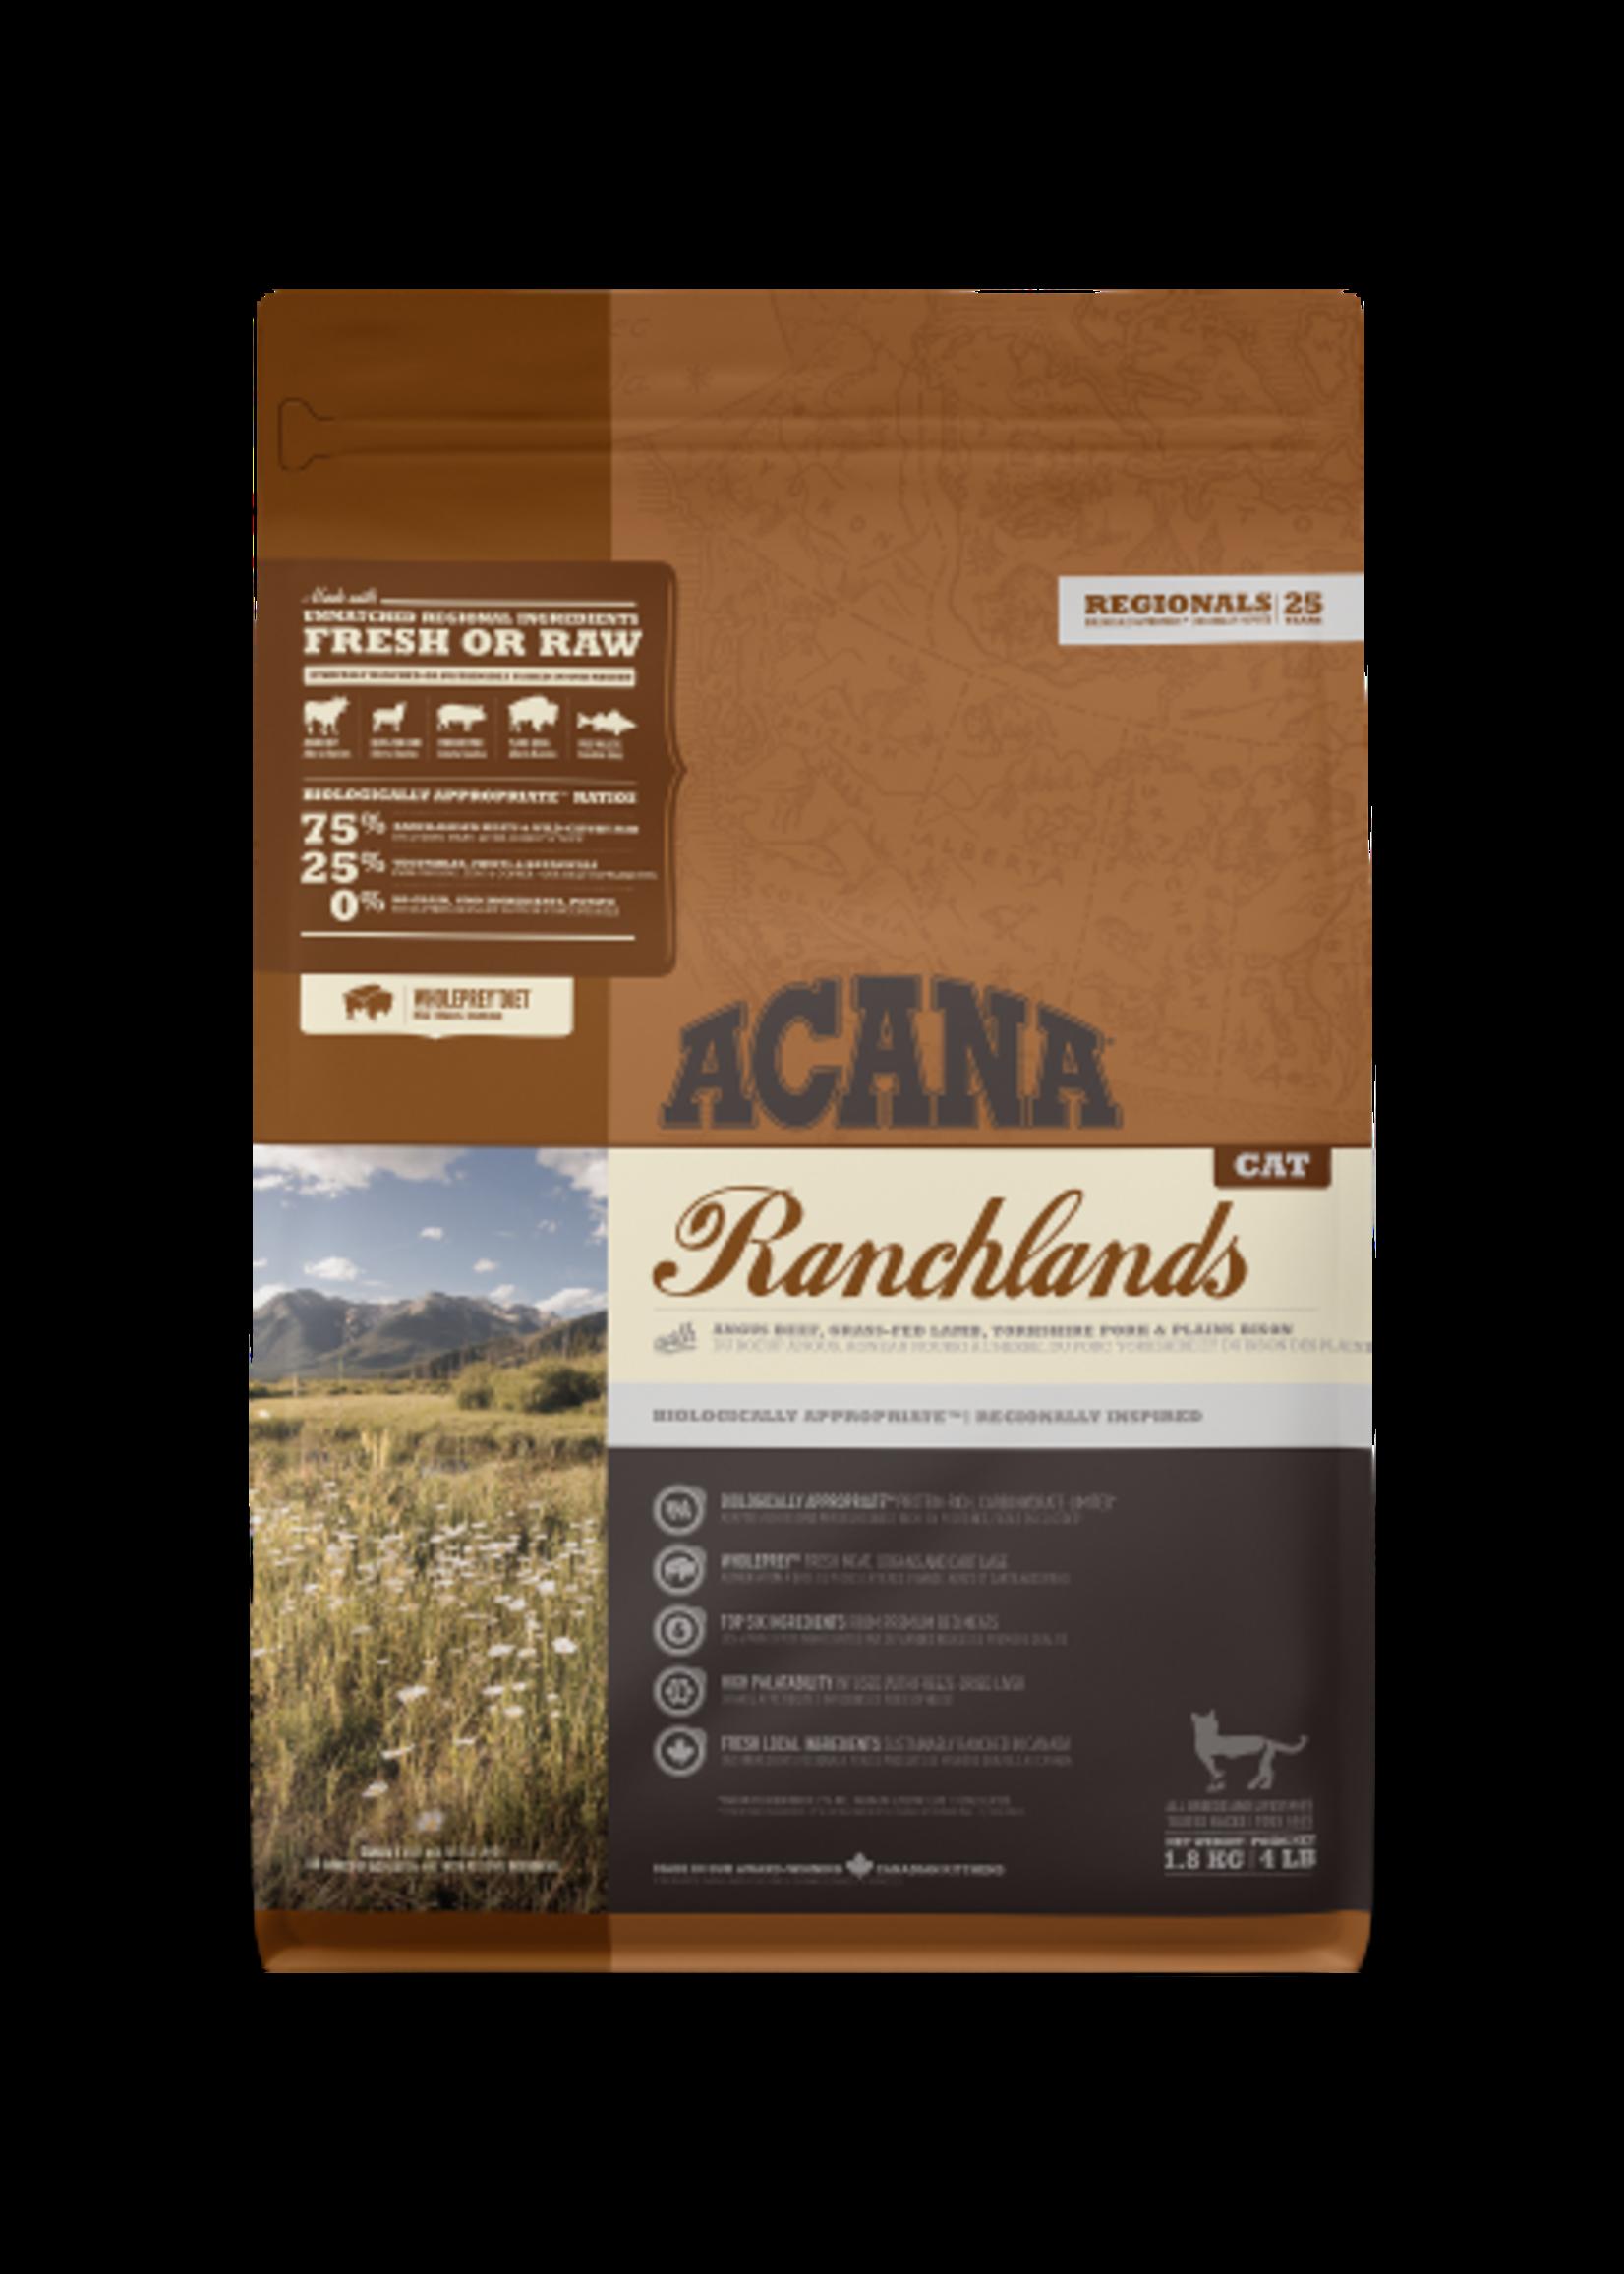 Acana® Acana Cat Regionals Ranchlands 1.8kg